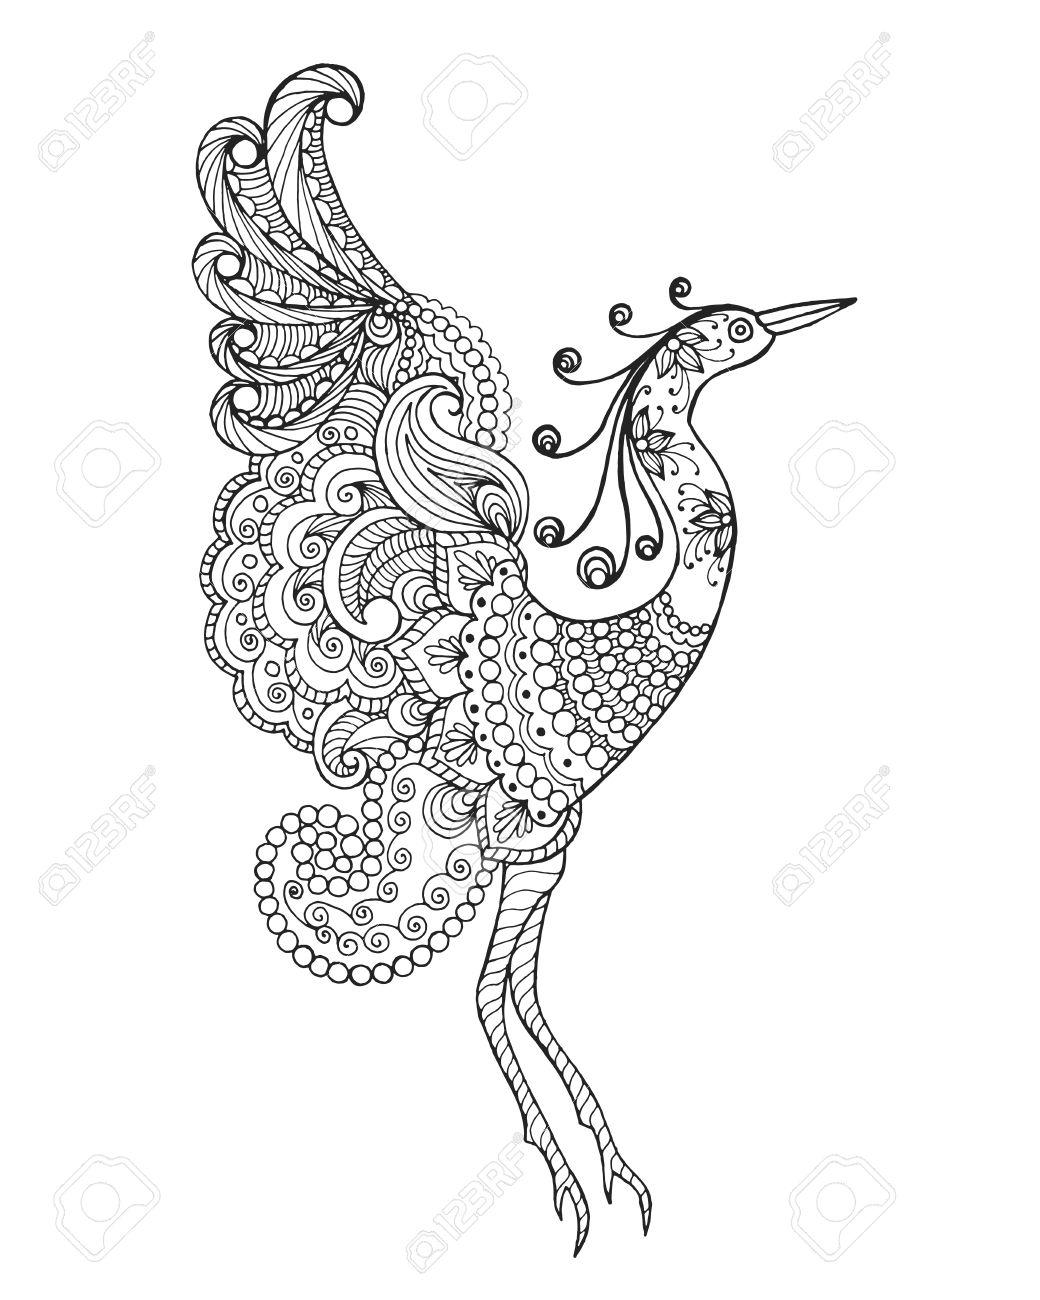 Pájaro De La Fantasía Negro Mano Blanca Dibujada Animales Del Doodle Ilustración Vectorial Estampado étnico Africano Tótem Diseño Tribal